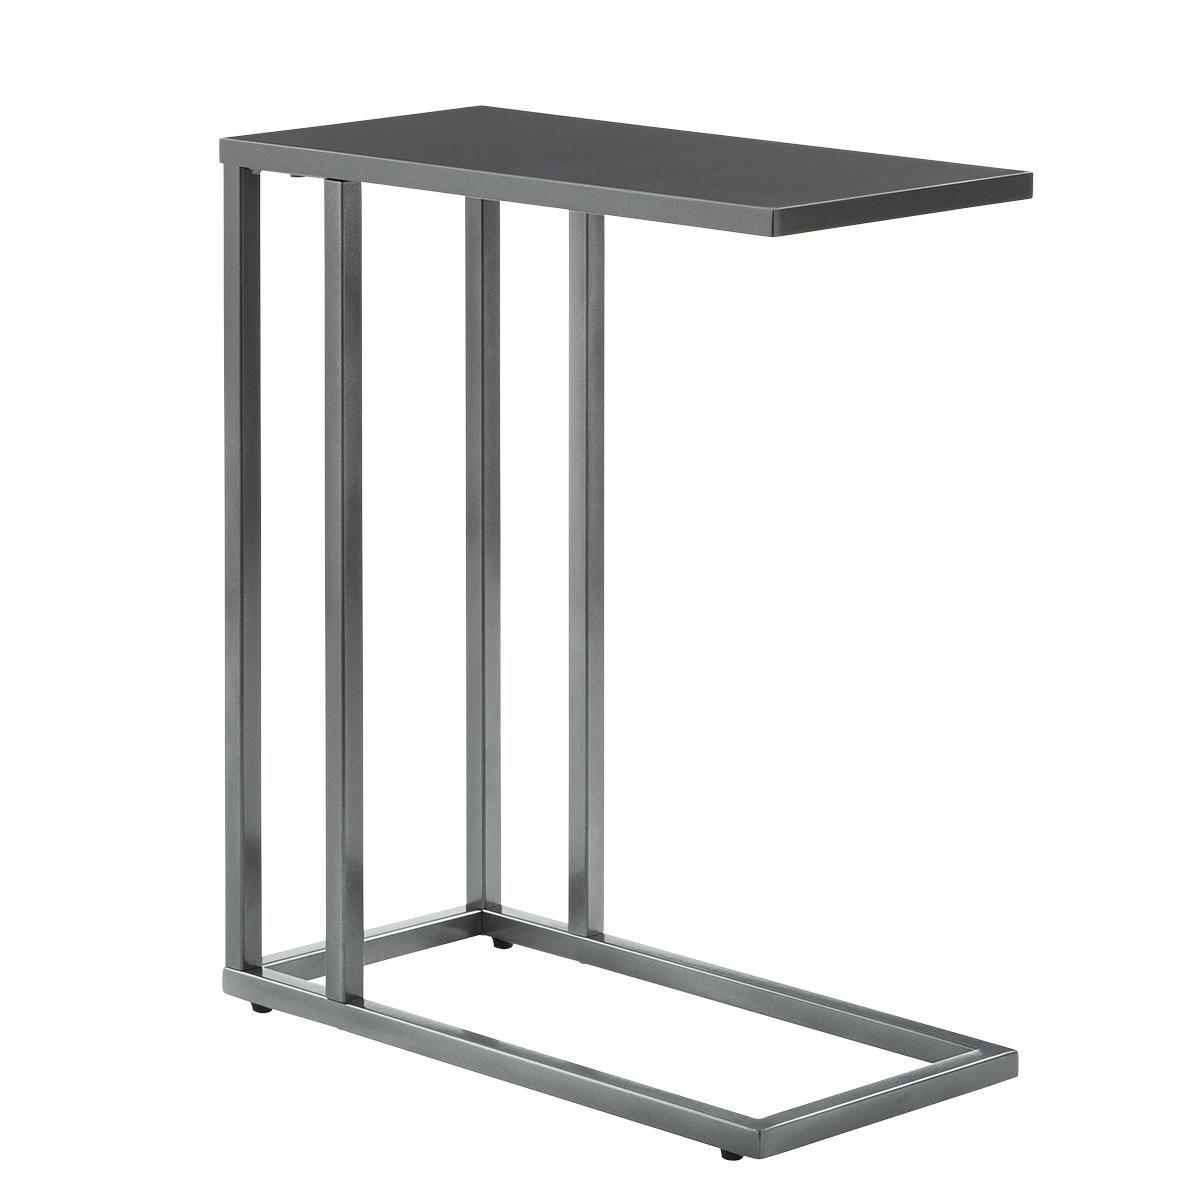 Anthracite C Table · U0026